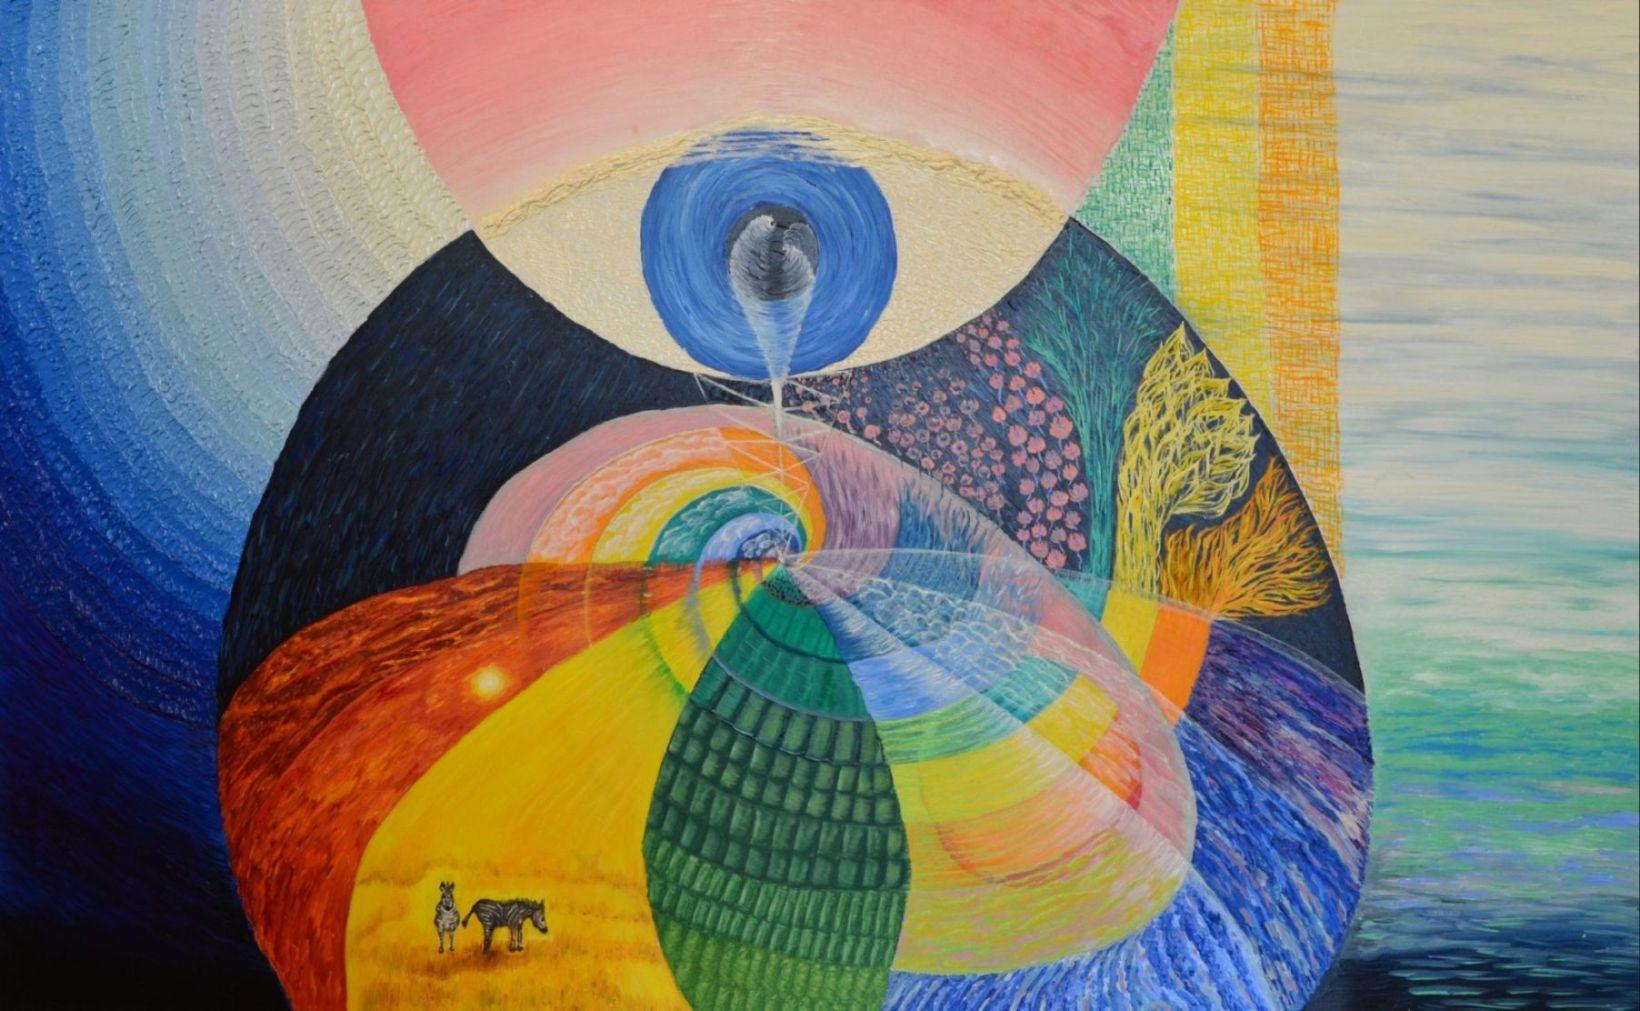 эзотерическая живопись, картины, Небесная Нить, Пальковская-Чабанюк,Точка зрения РА-курса ВосПитания Эмбриона СоЗнания ЧелоВека